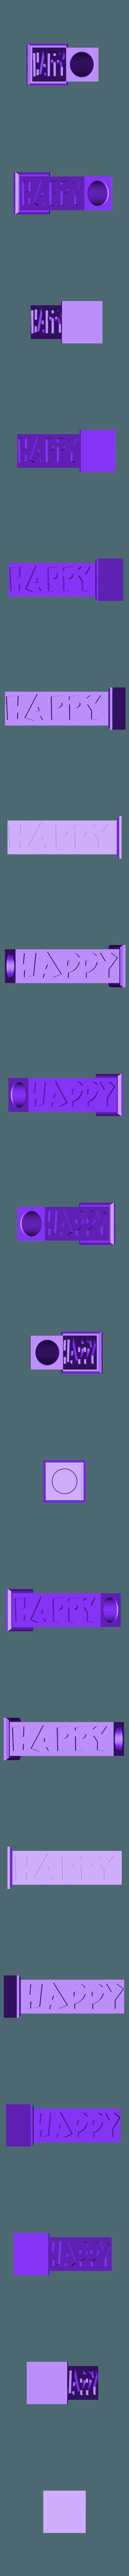 Happy 2020 Vase.stl Télécharger fichier STL gratuit Vase Joyeux 2020 • Design à imprimer en 3D, zumit